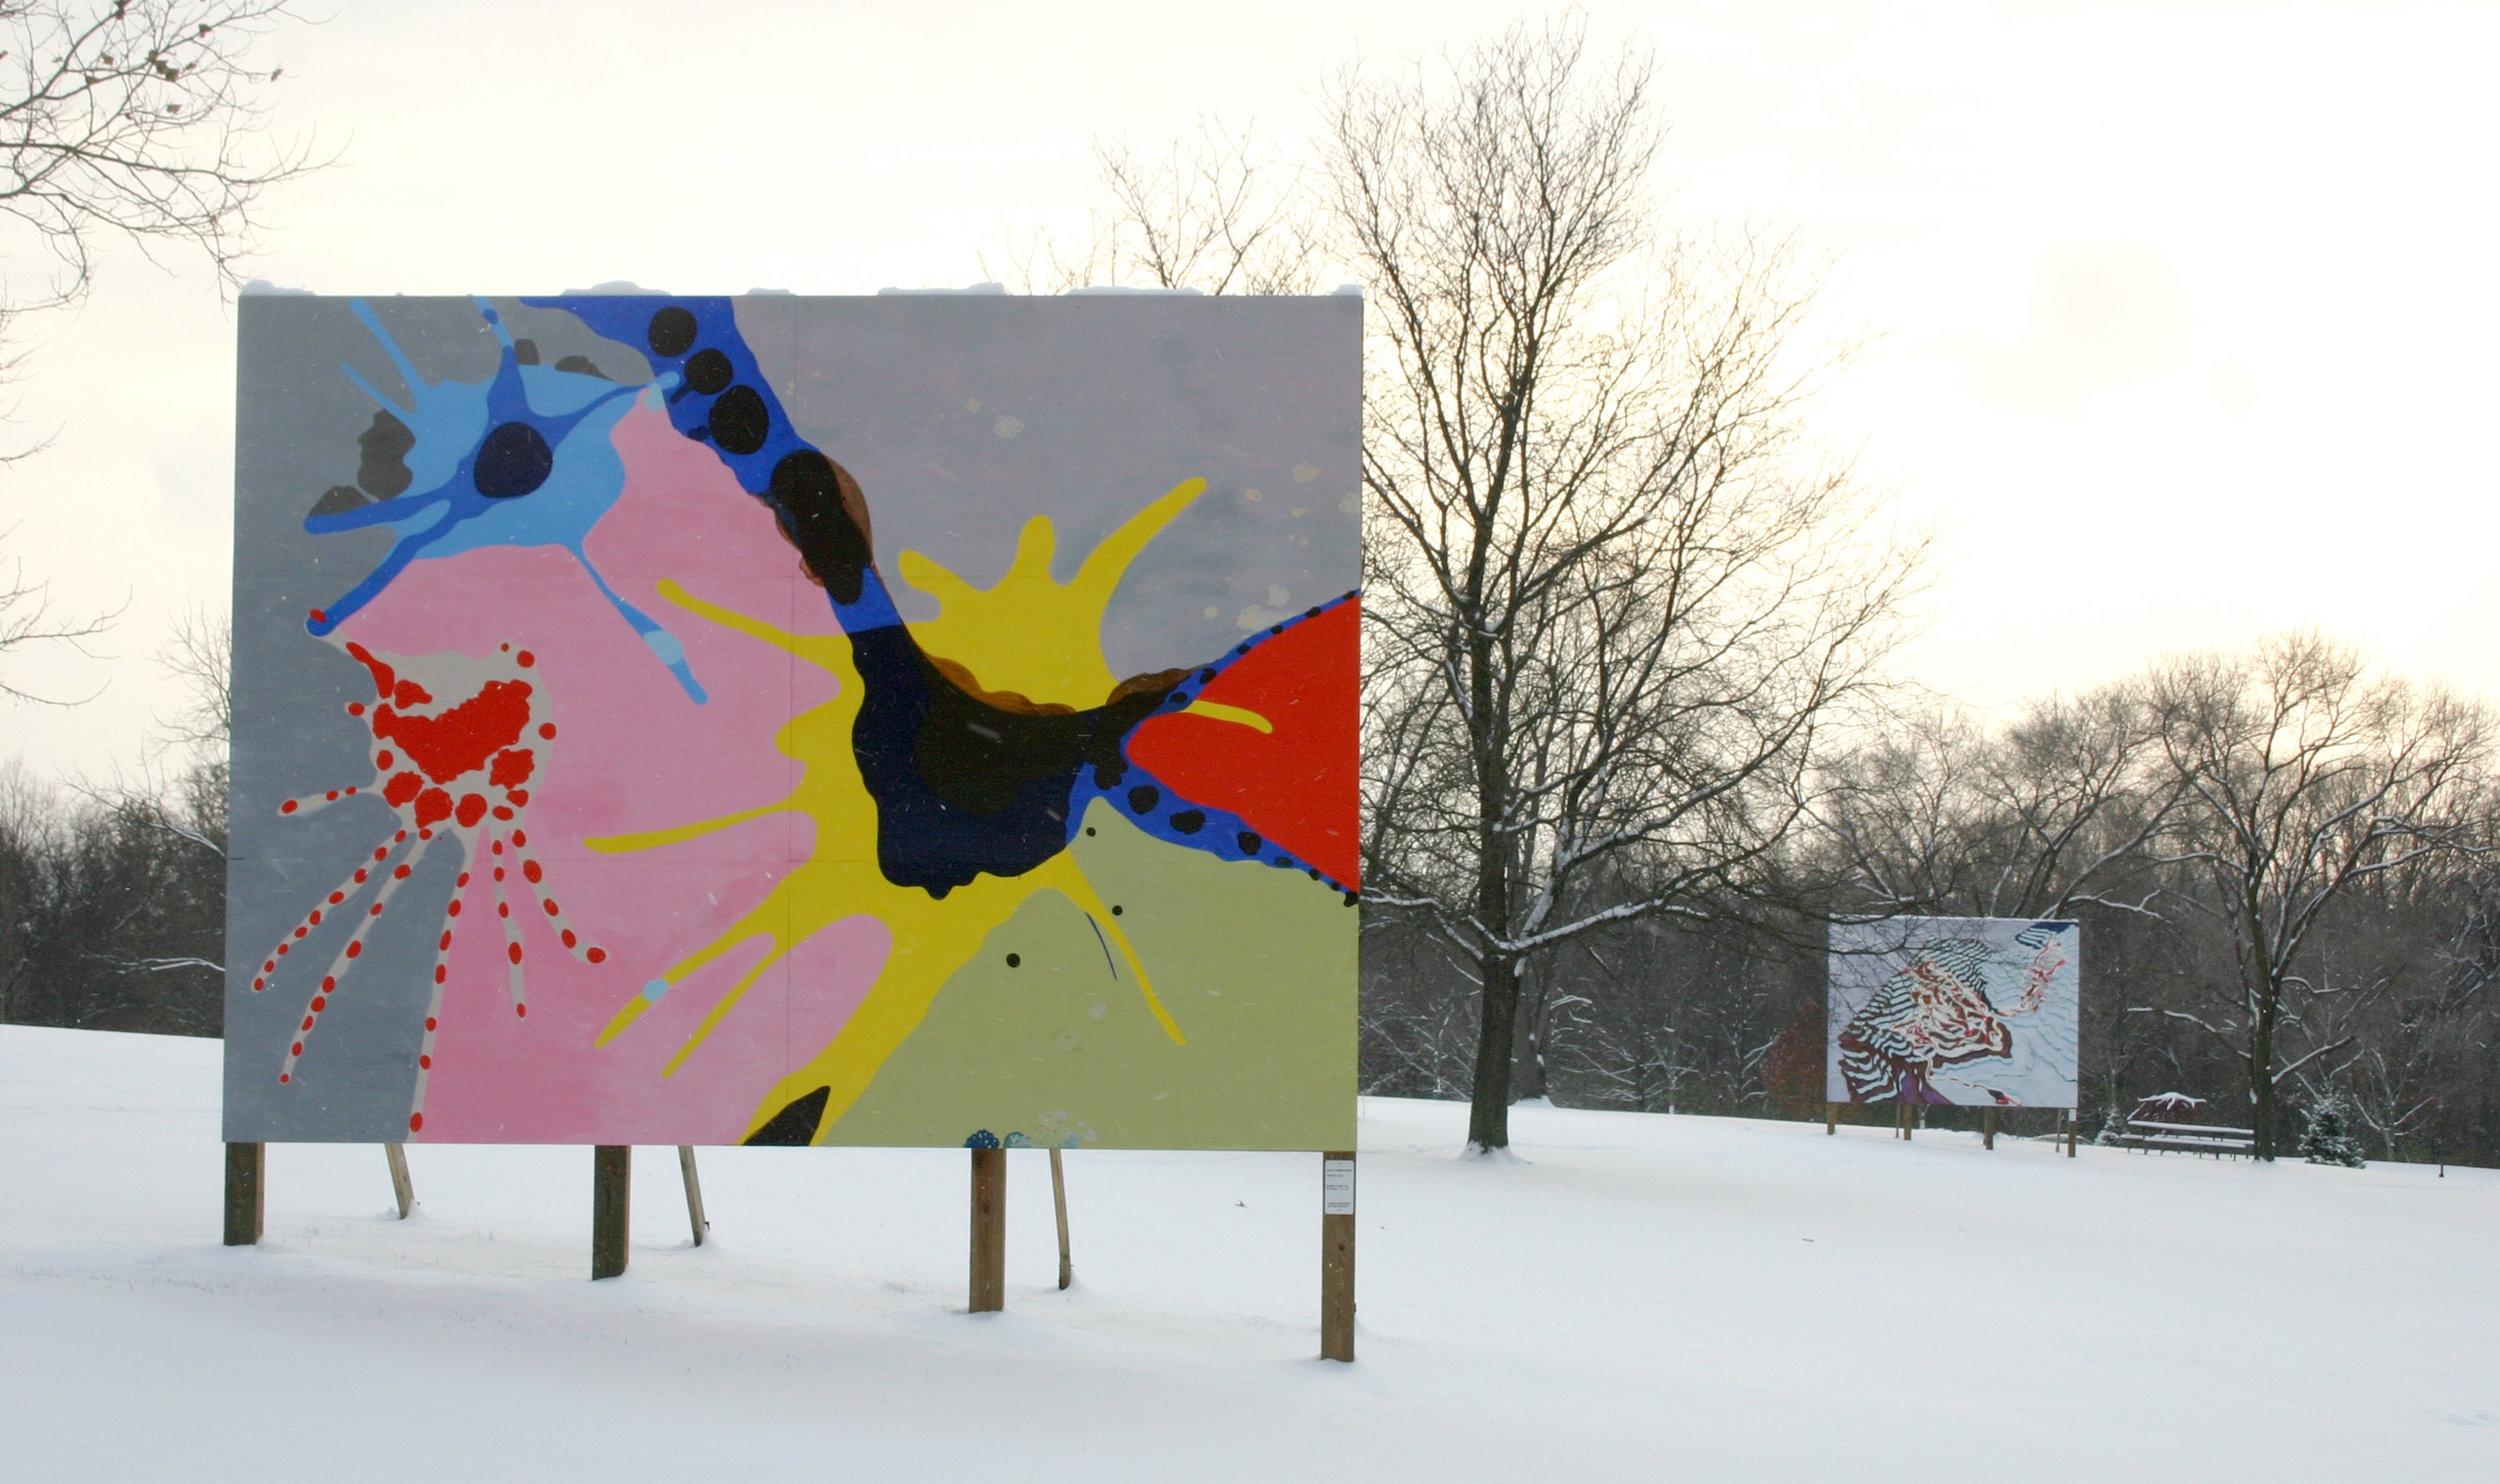 The Dance,  2005  acrylic on wood  12 x 16 feet  Laumeier Sculpture Park, Saint Louis